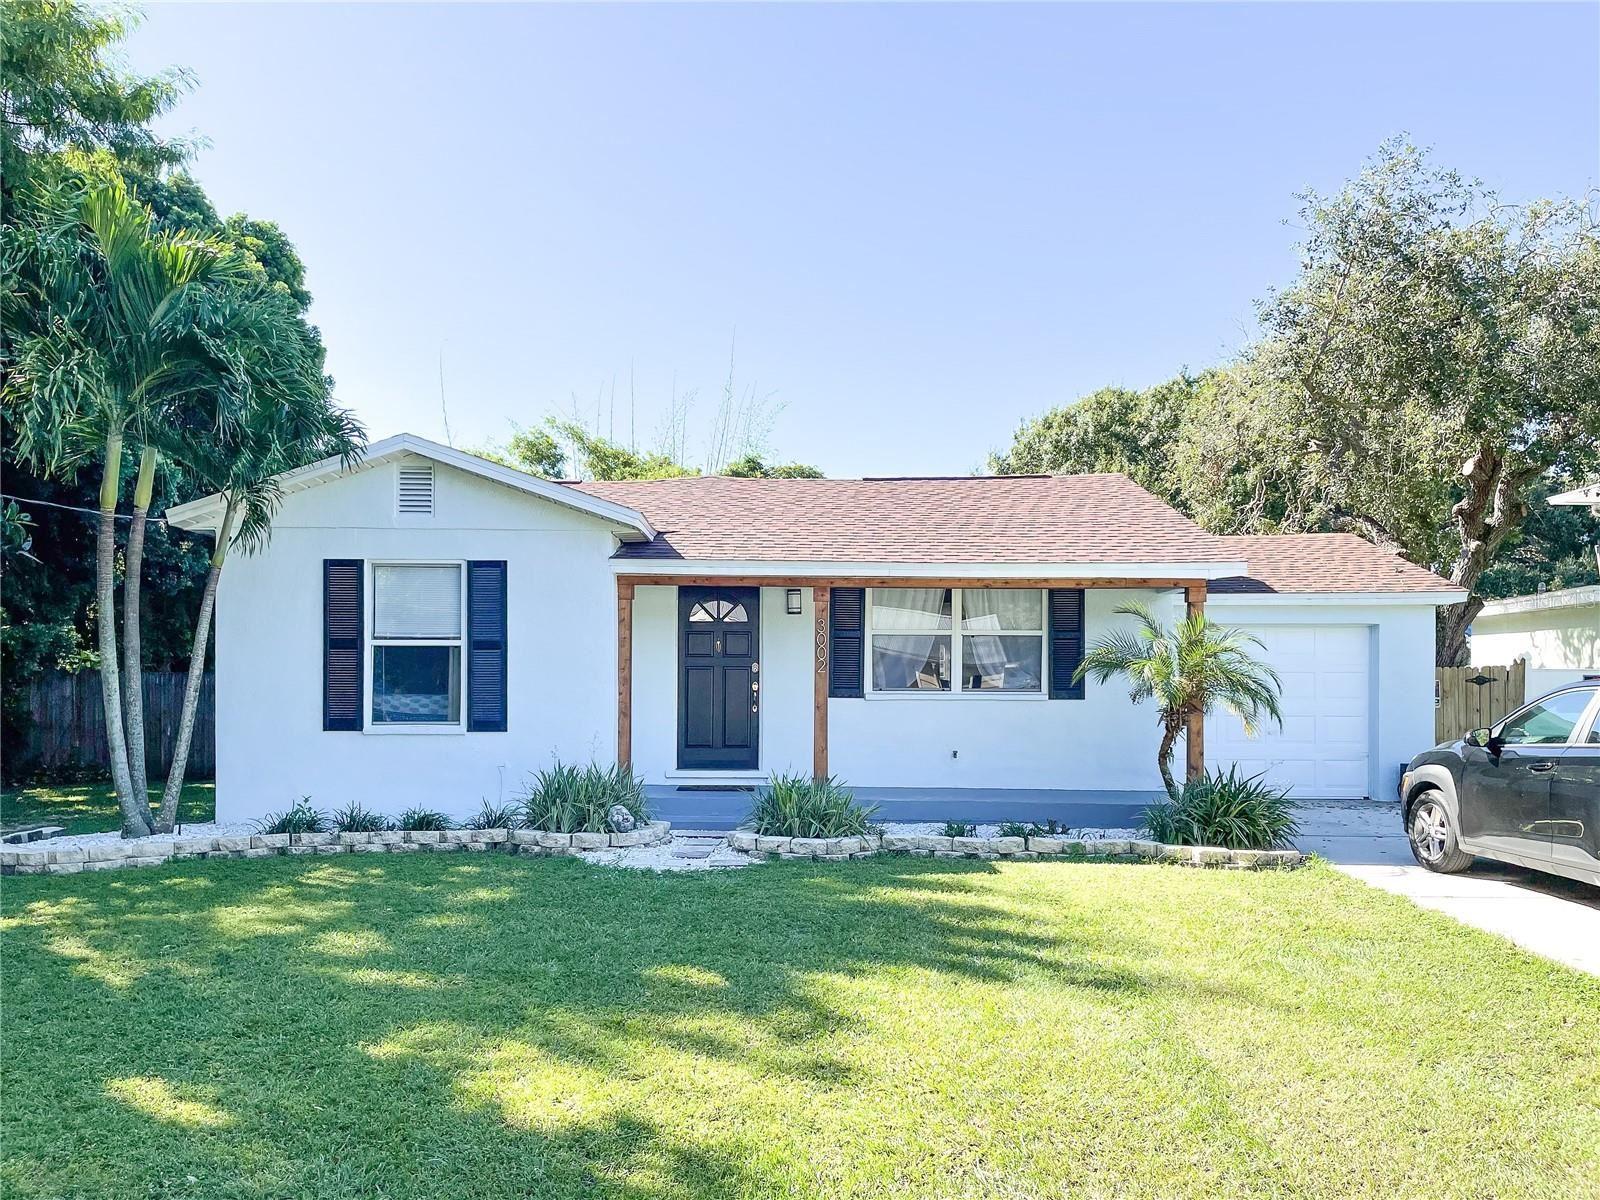 3002 N ADAMS STREET, Tampa, FL 33611 - MLS#: T3332999